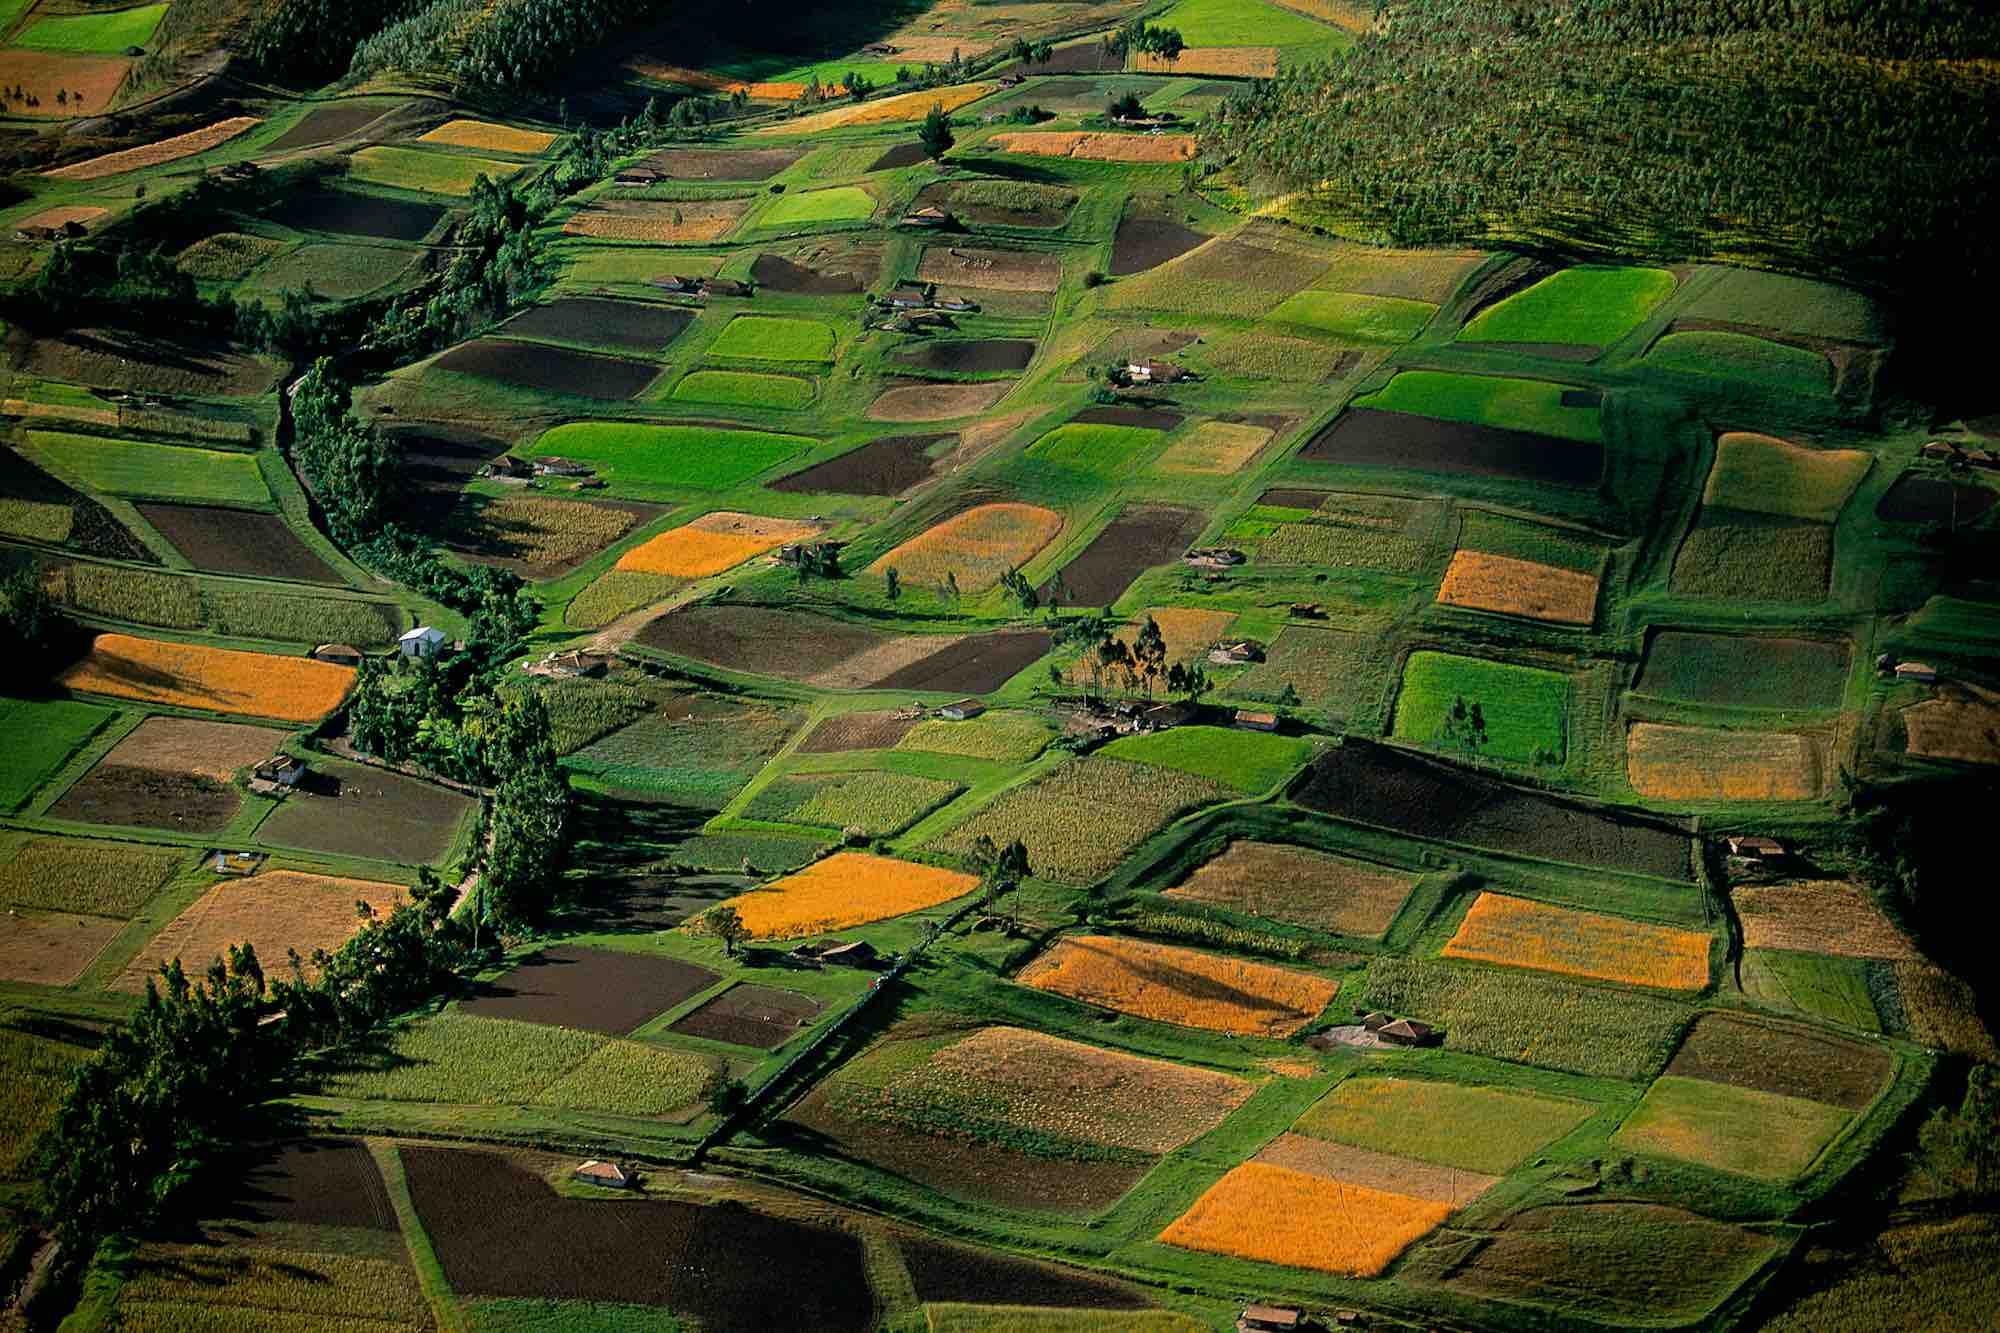 Fields - Yann Arthus-Bertrand